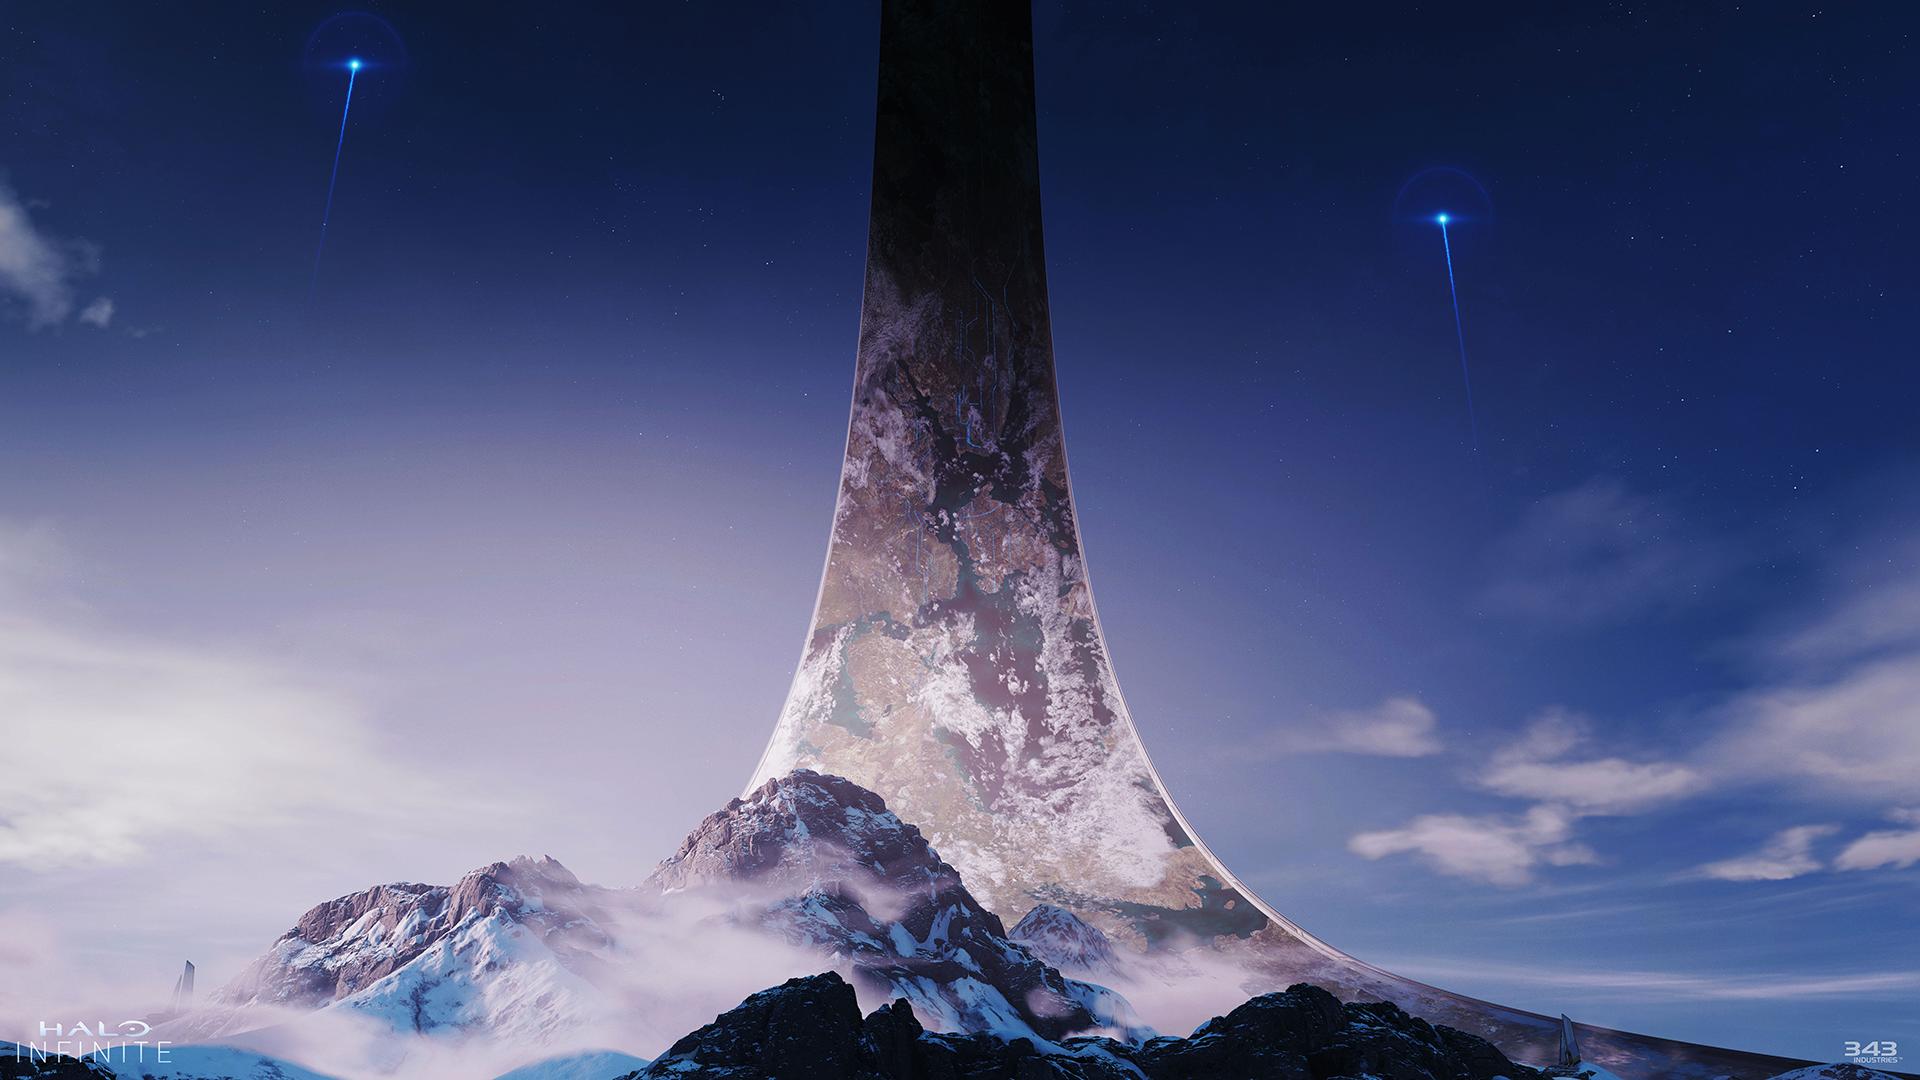 Xbox Series X & S Halo Infinite